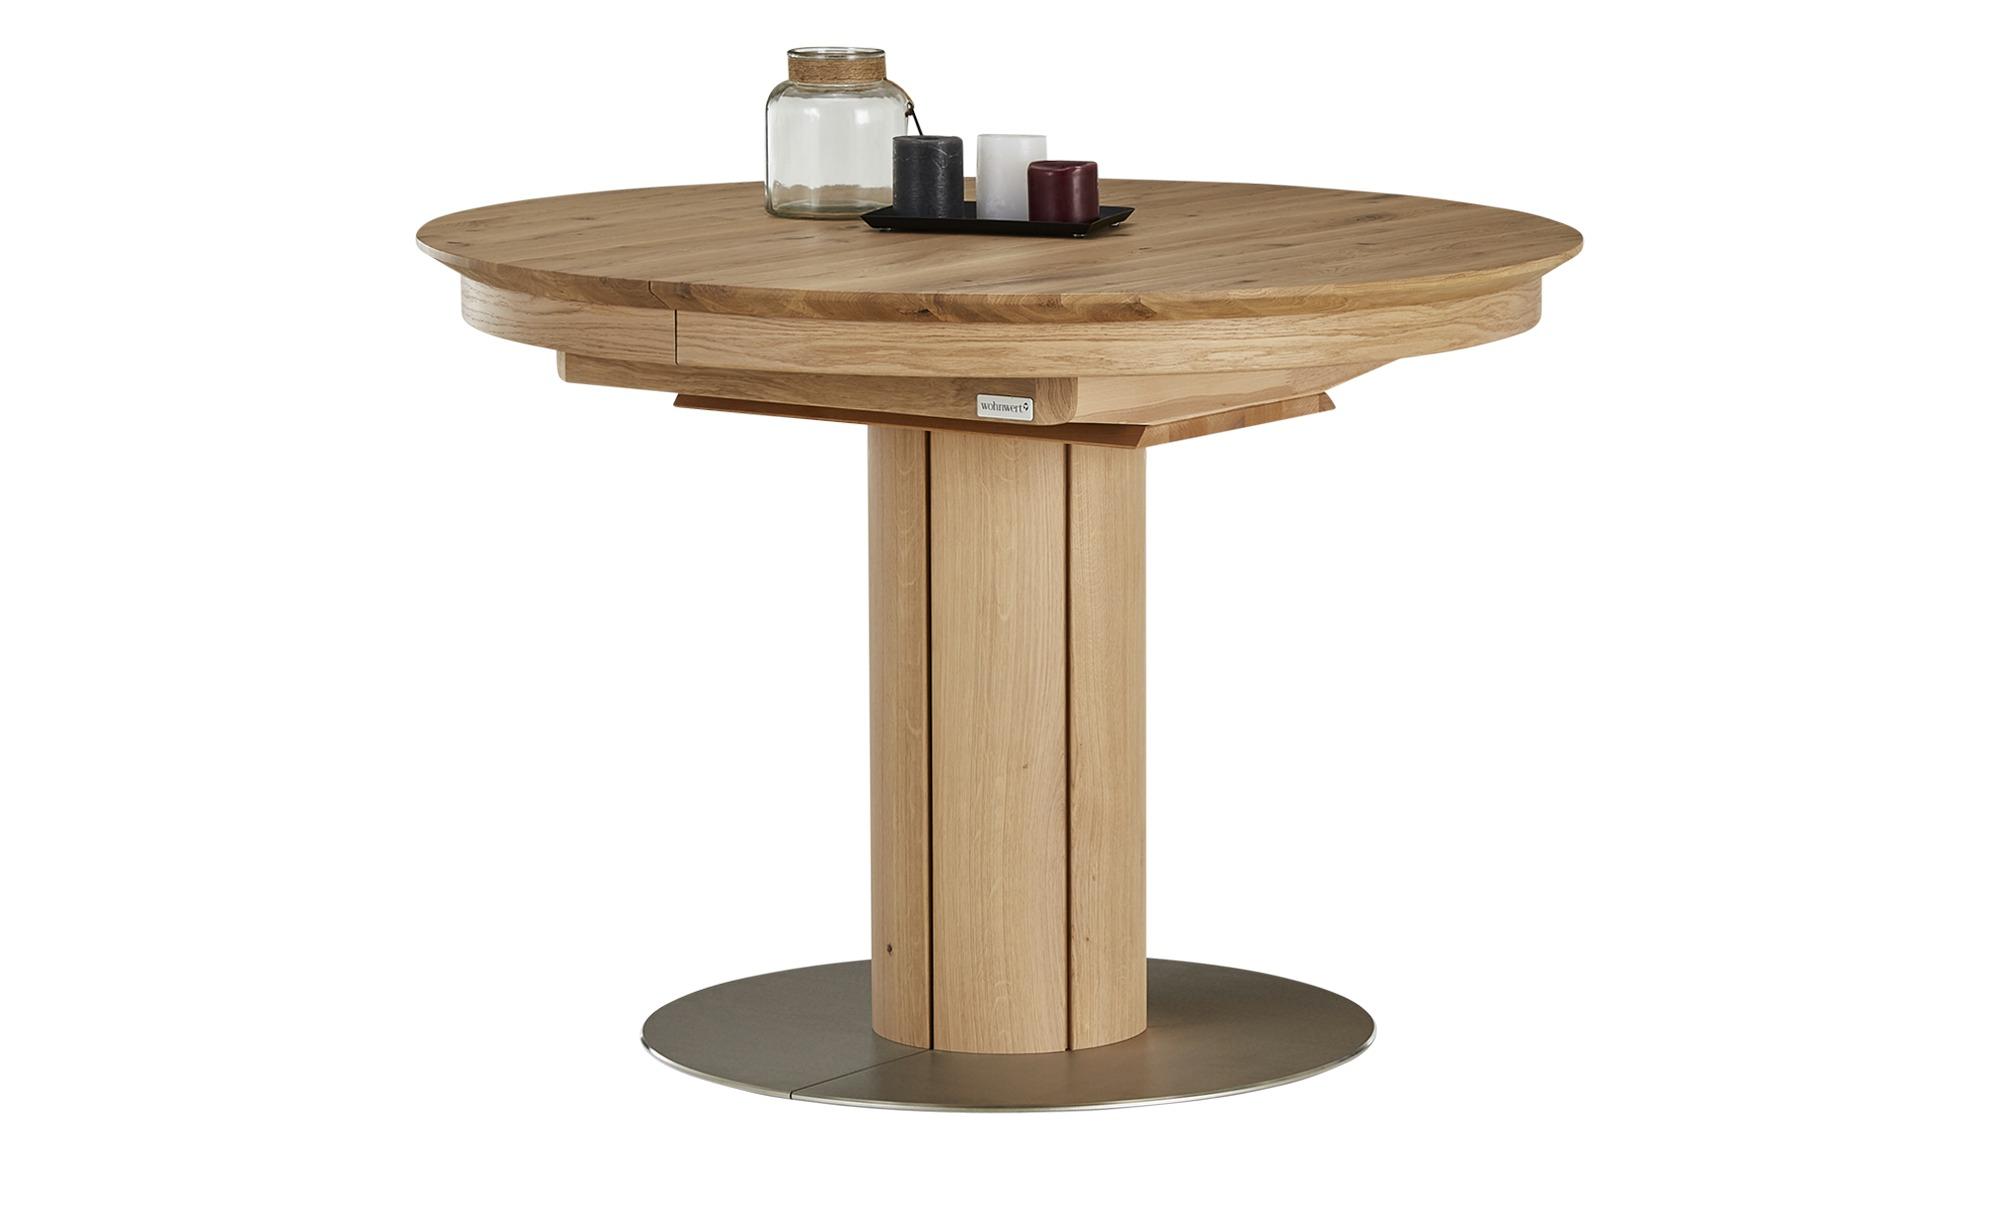 Wohnwert Esstisch  Der Runde ¦ Maße (cm): H: 77 Ø: [110.0] Tische > Esstische > Esstische rund - Höffner